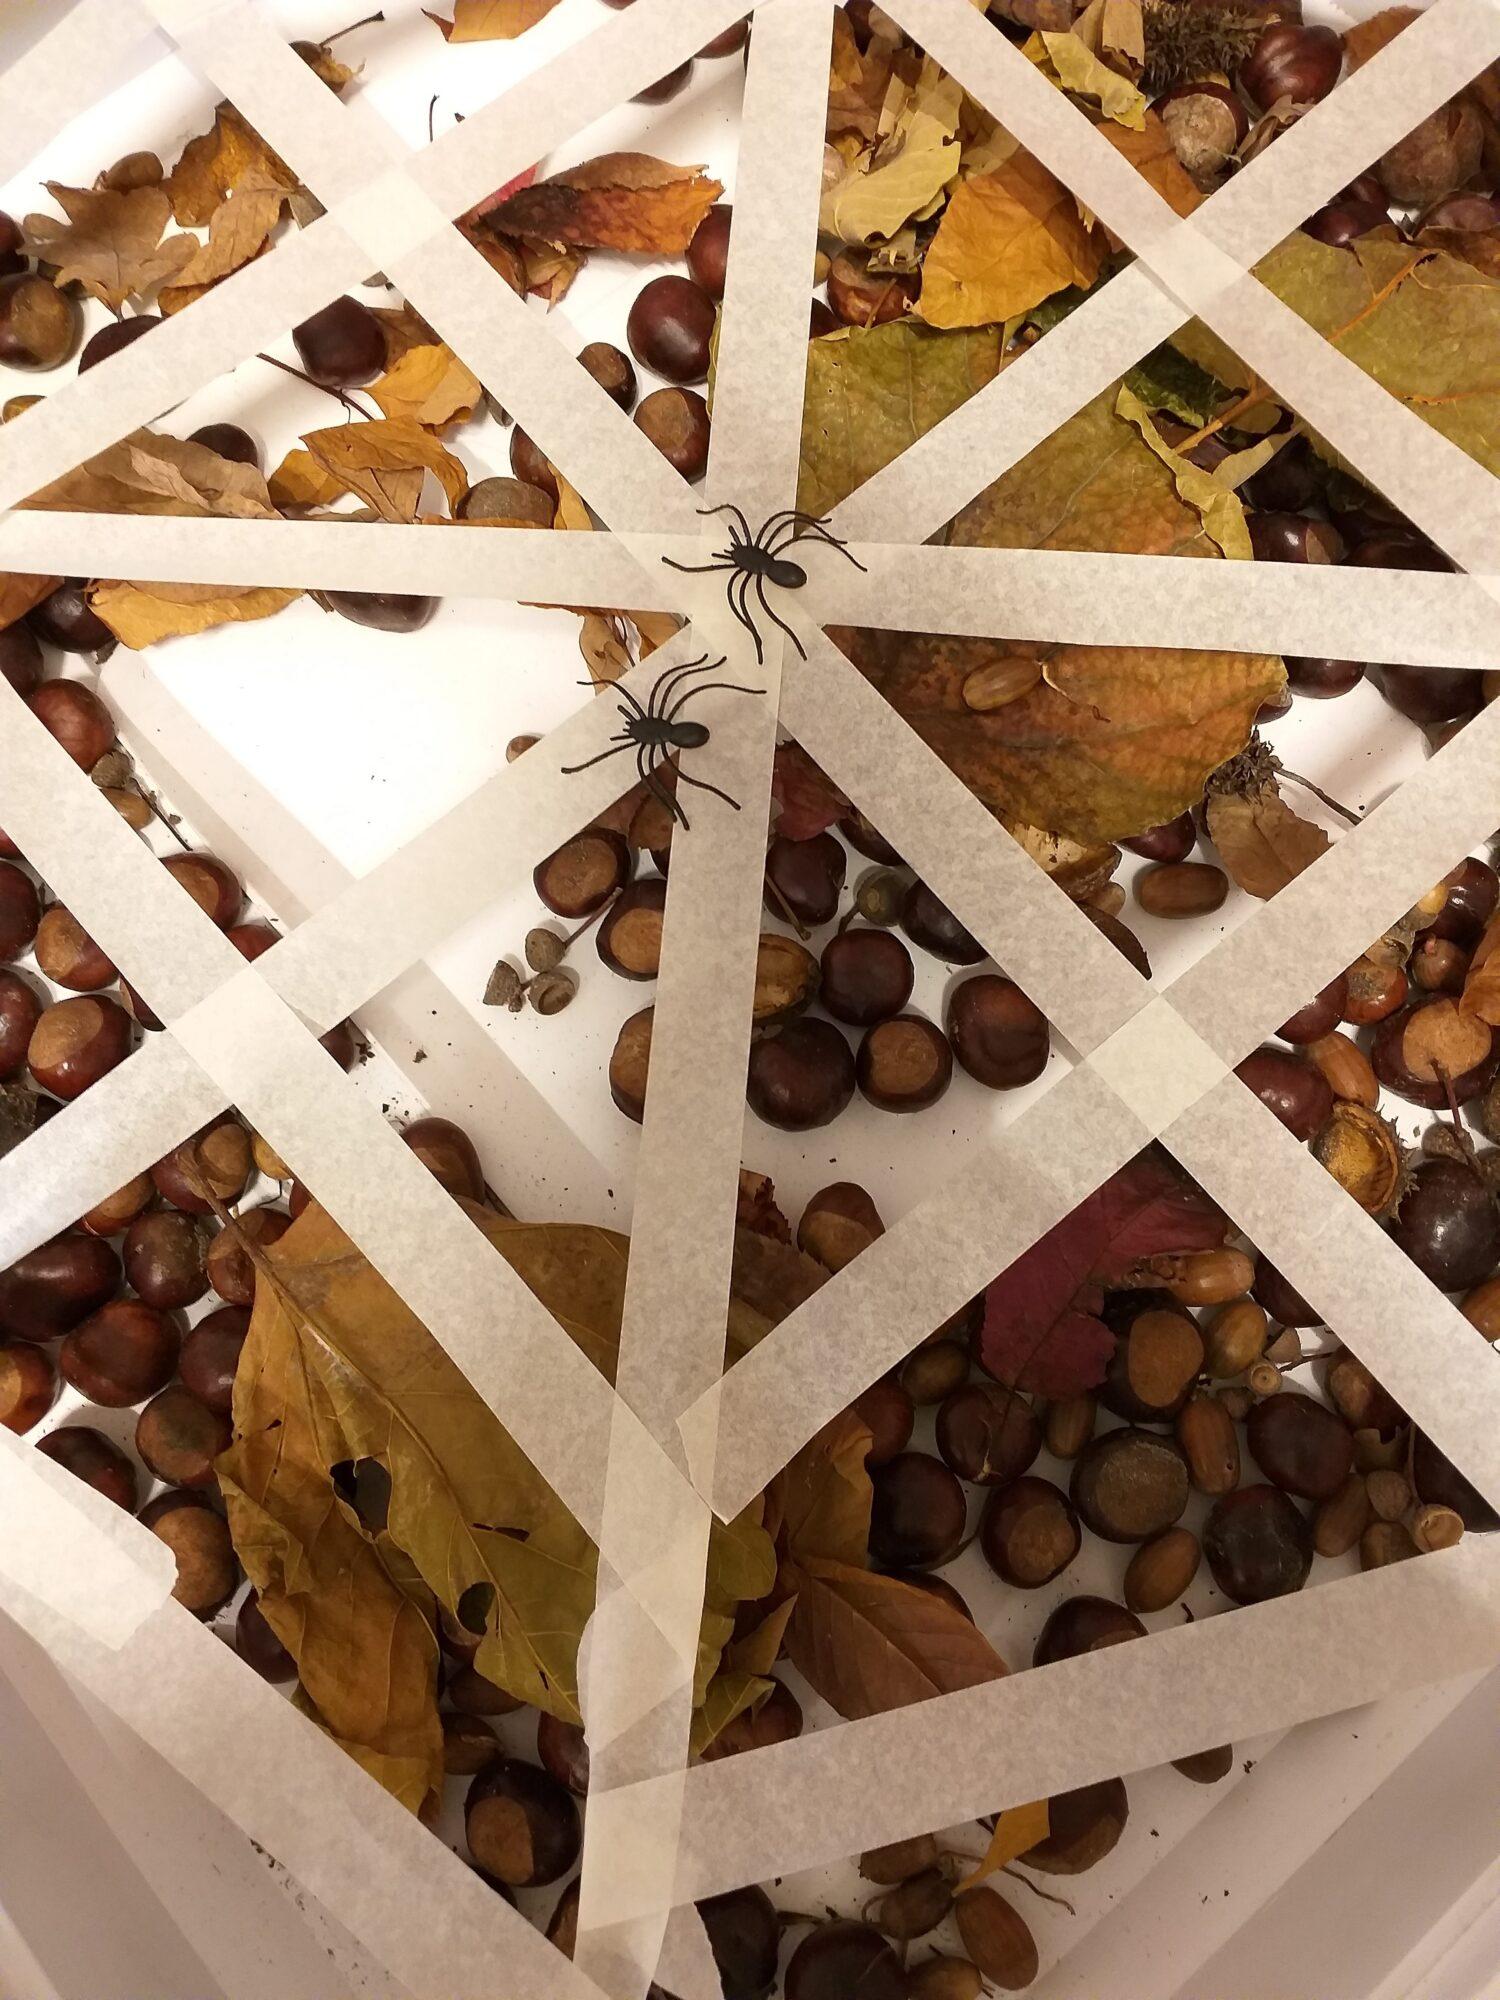 Ontdekbak herfstactiviteiten voor peuters